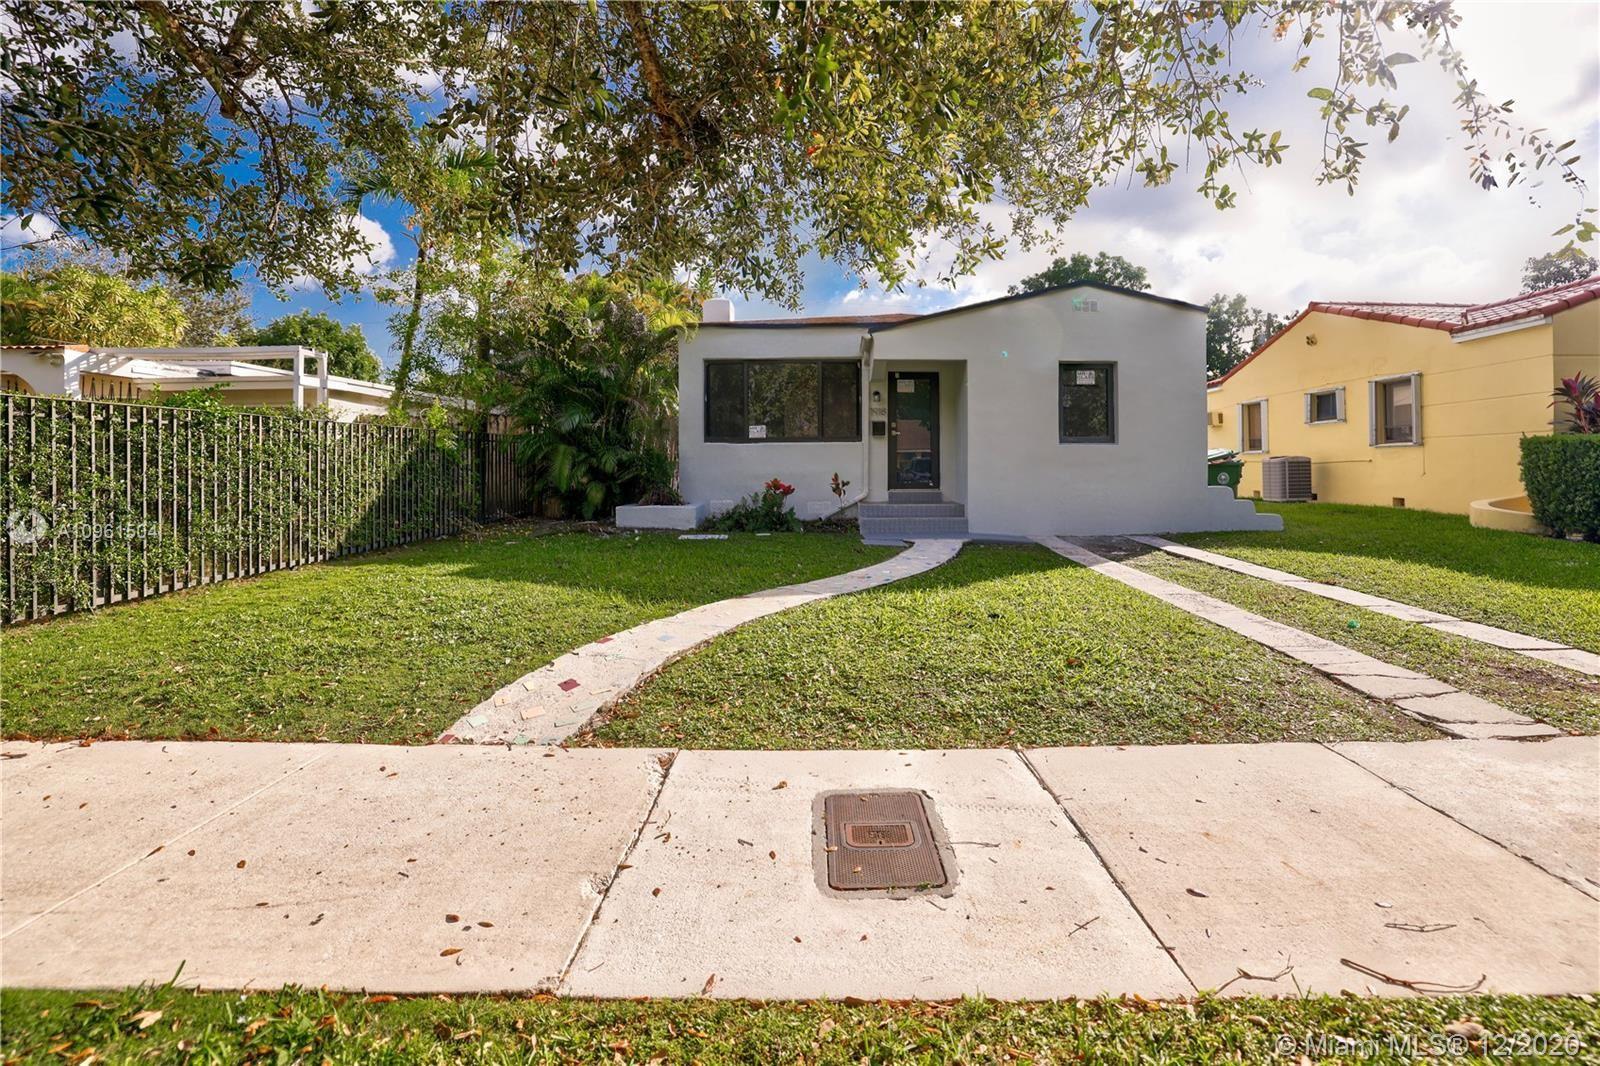 1918 SW 16th Ter, Miami, FL 33145 - #: A10961504